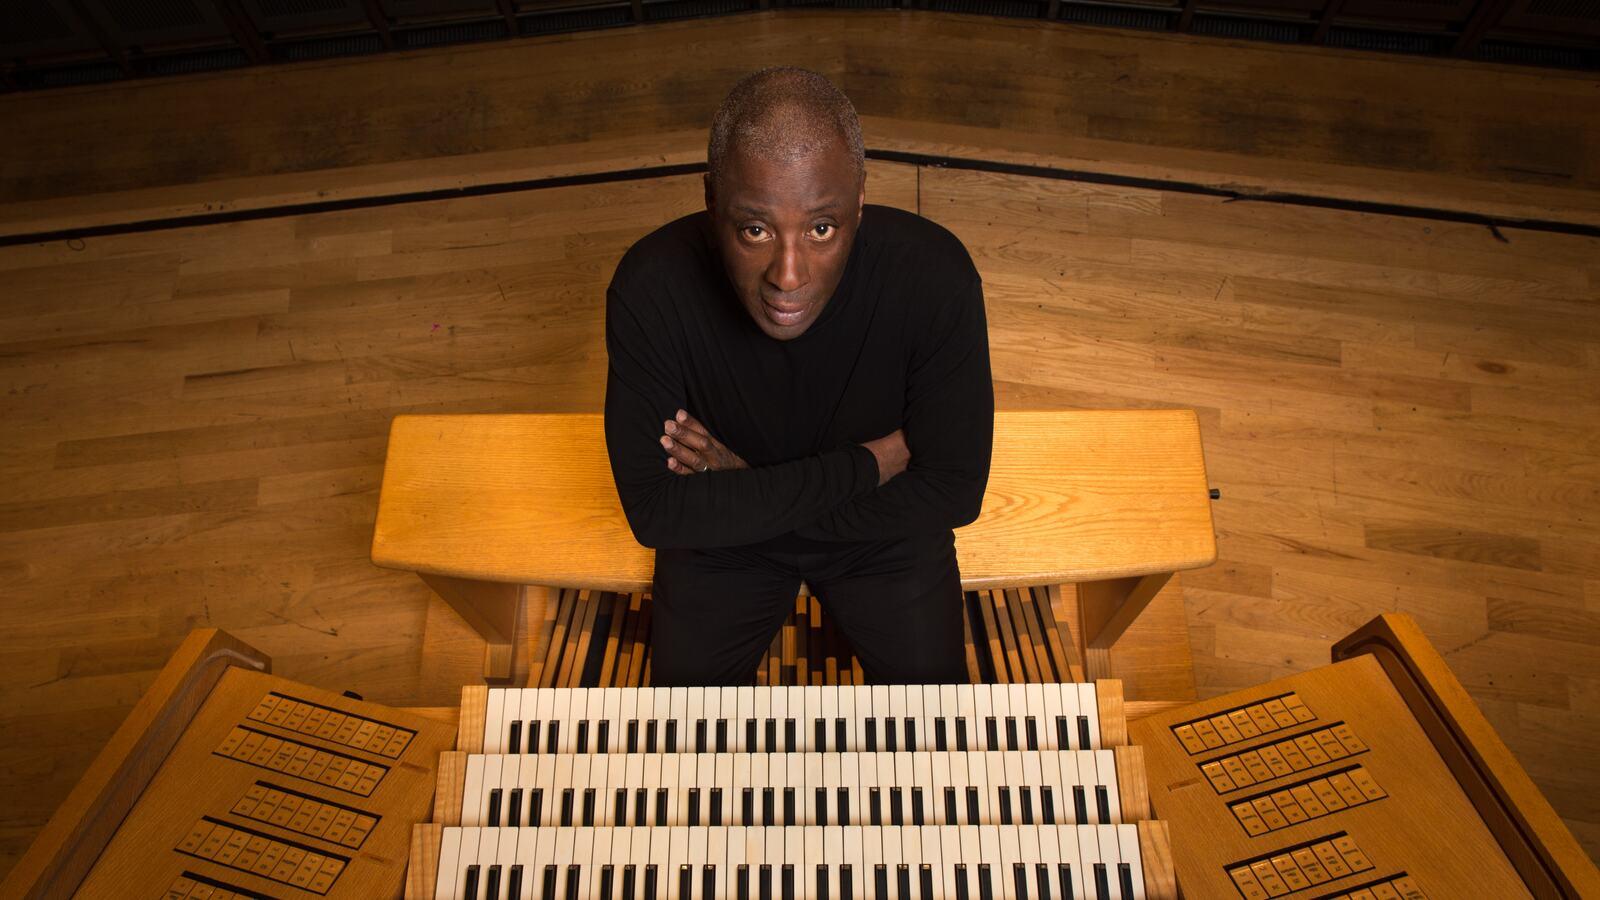 Wayne Marshall, organist